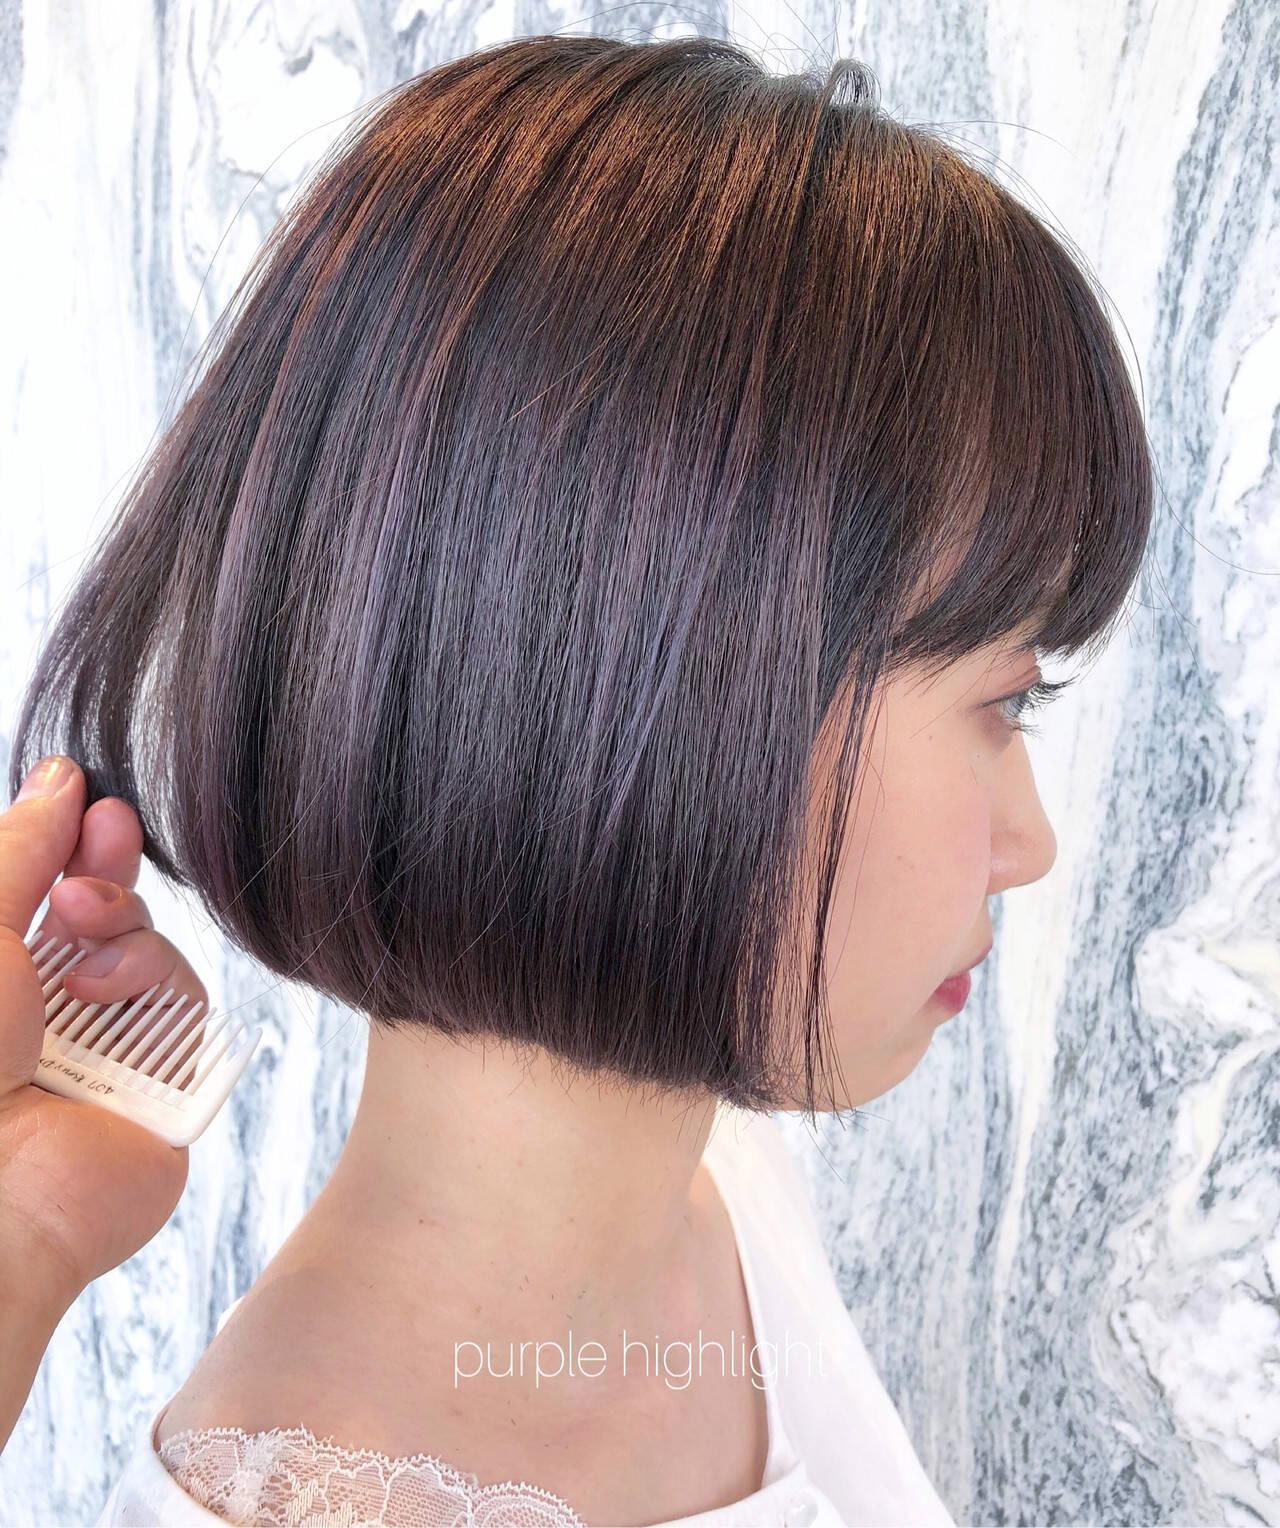 ラベンダーアッシュ パープルアッシュ ナチュラル ラベンダーカラーヘアスタイルや髪型の写真・画像